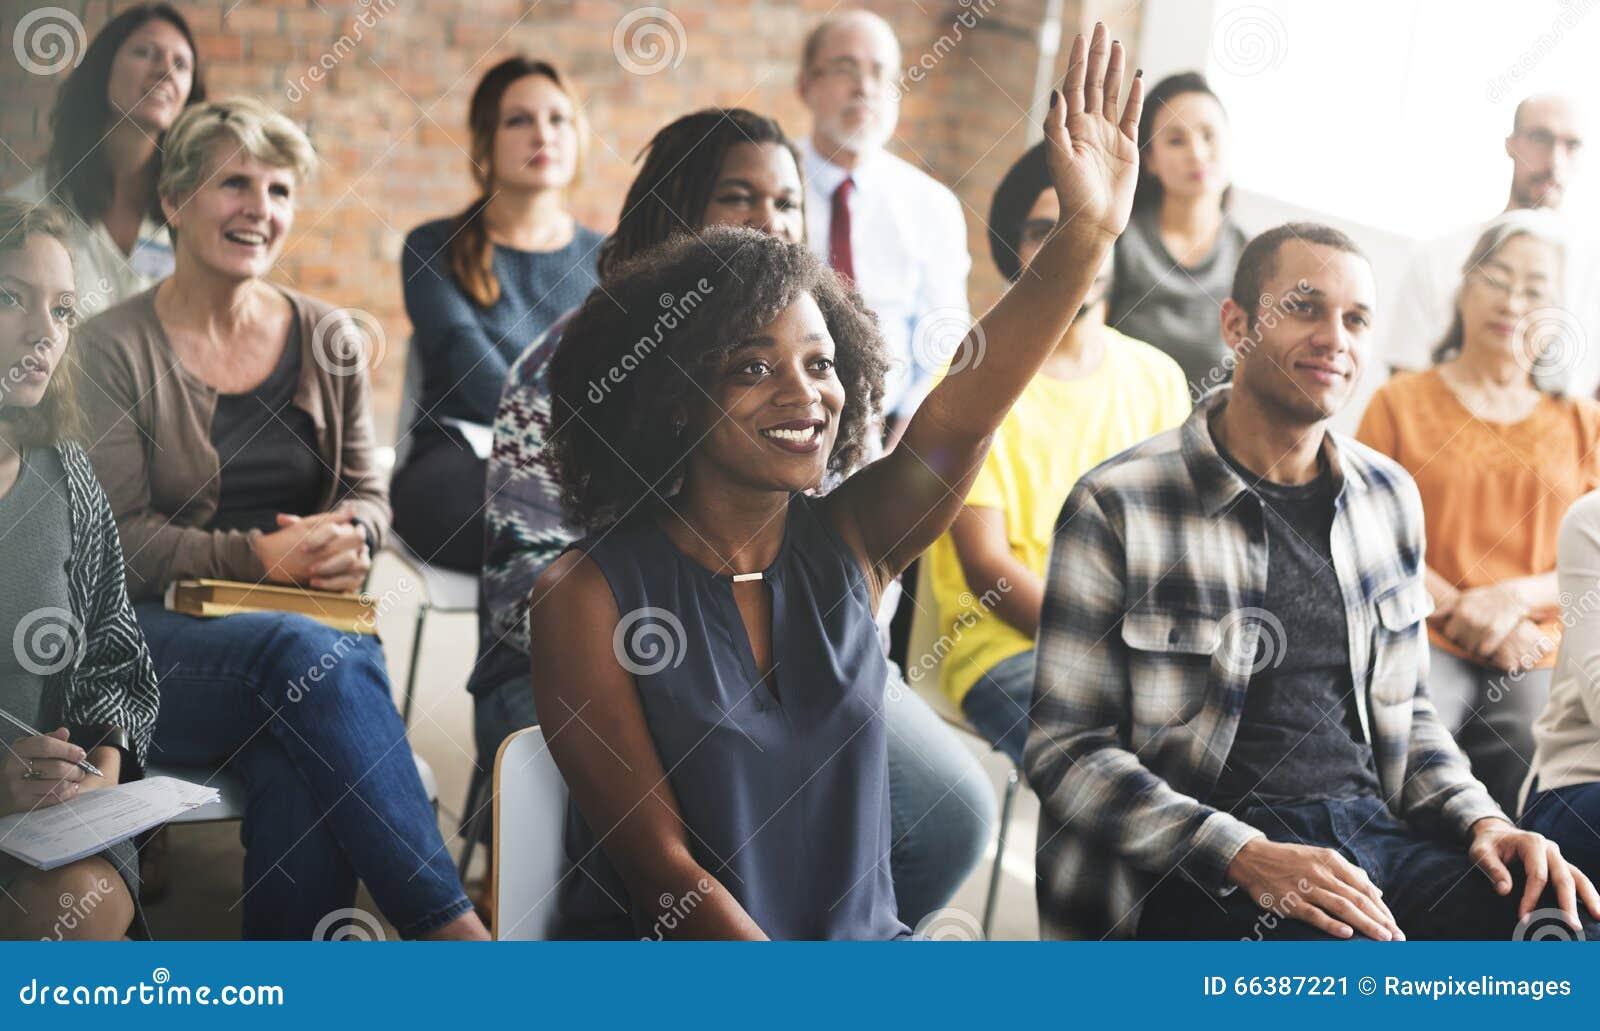 Affär Team Meeting Seminar Training Concept